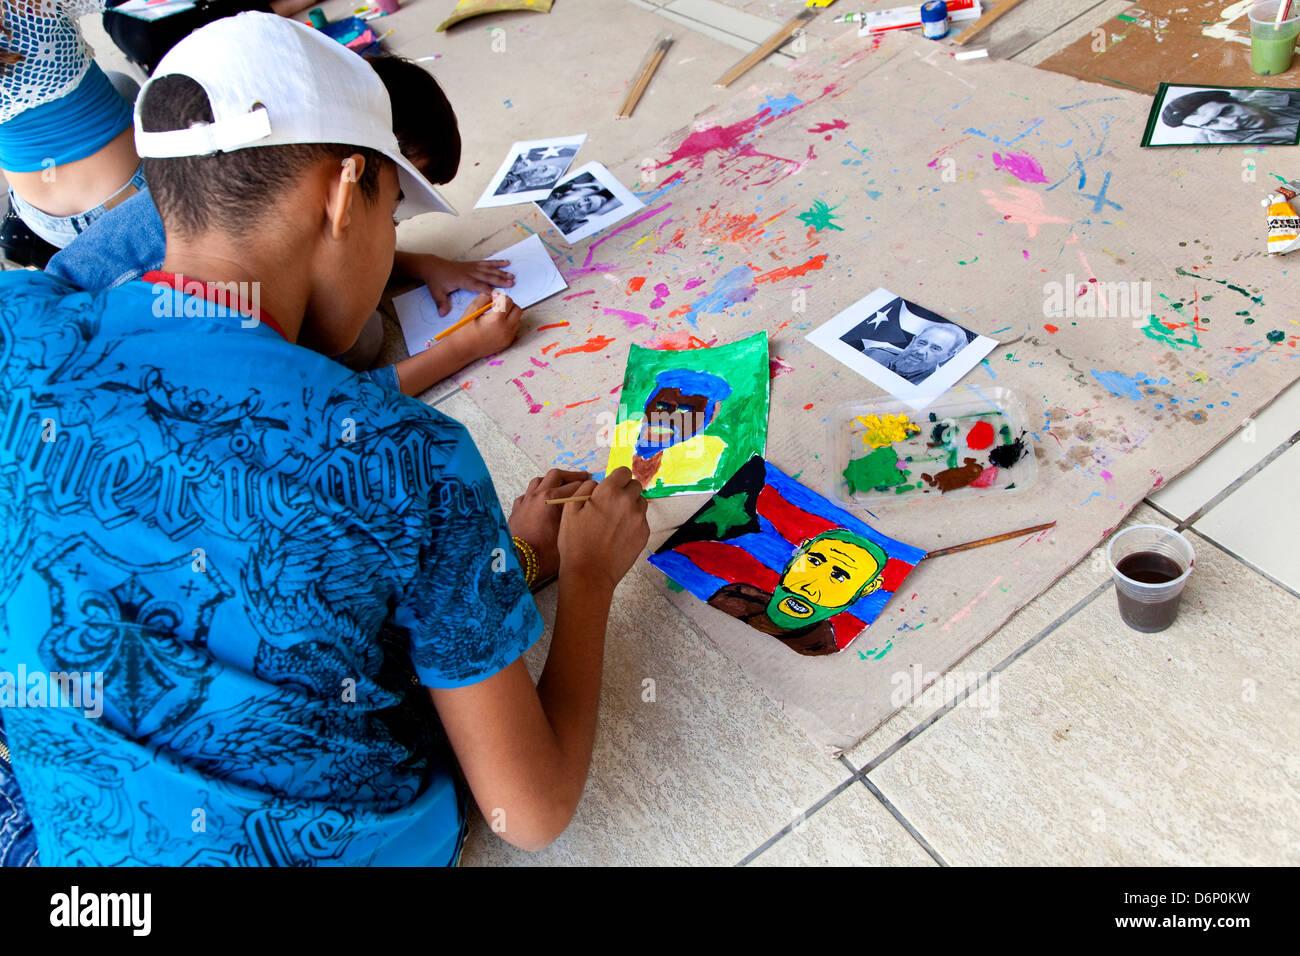 Kinder malen Porträt von Fidel Castro. Kubanische Havanna, La Habana, Cuba, Südamerika, Lateinamerika Stockbild